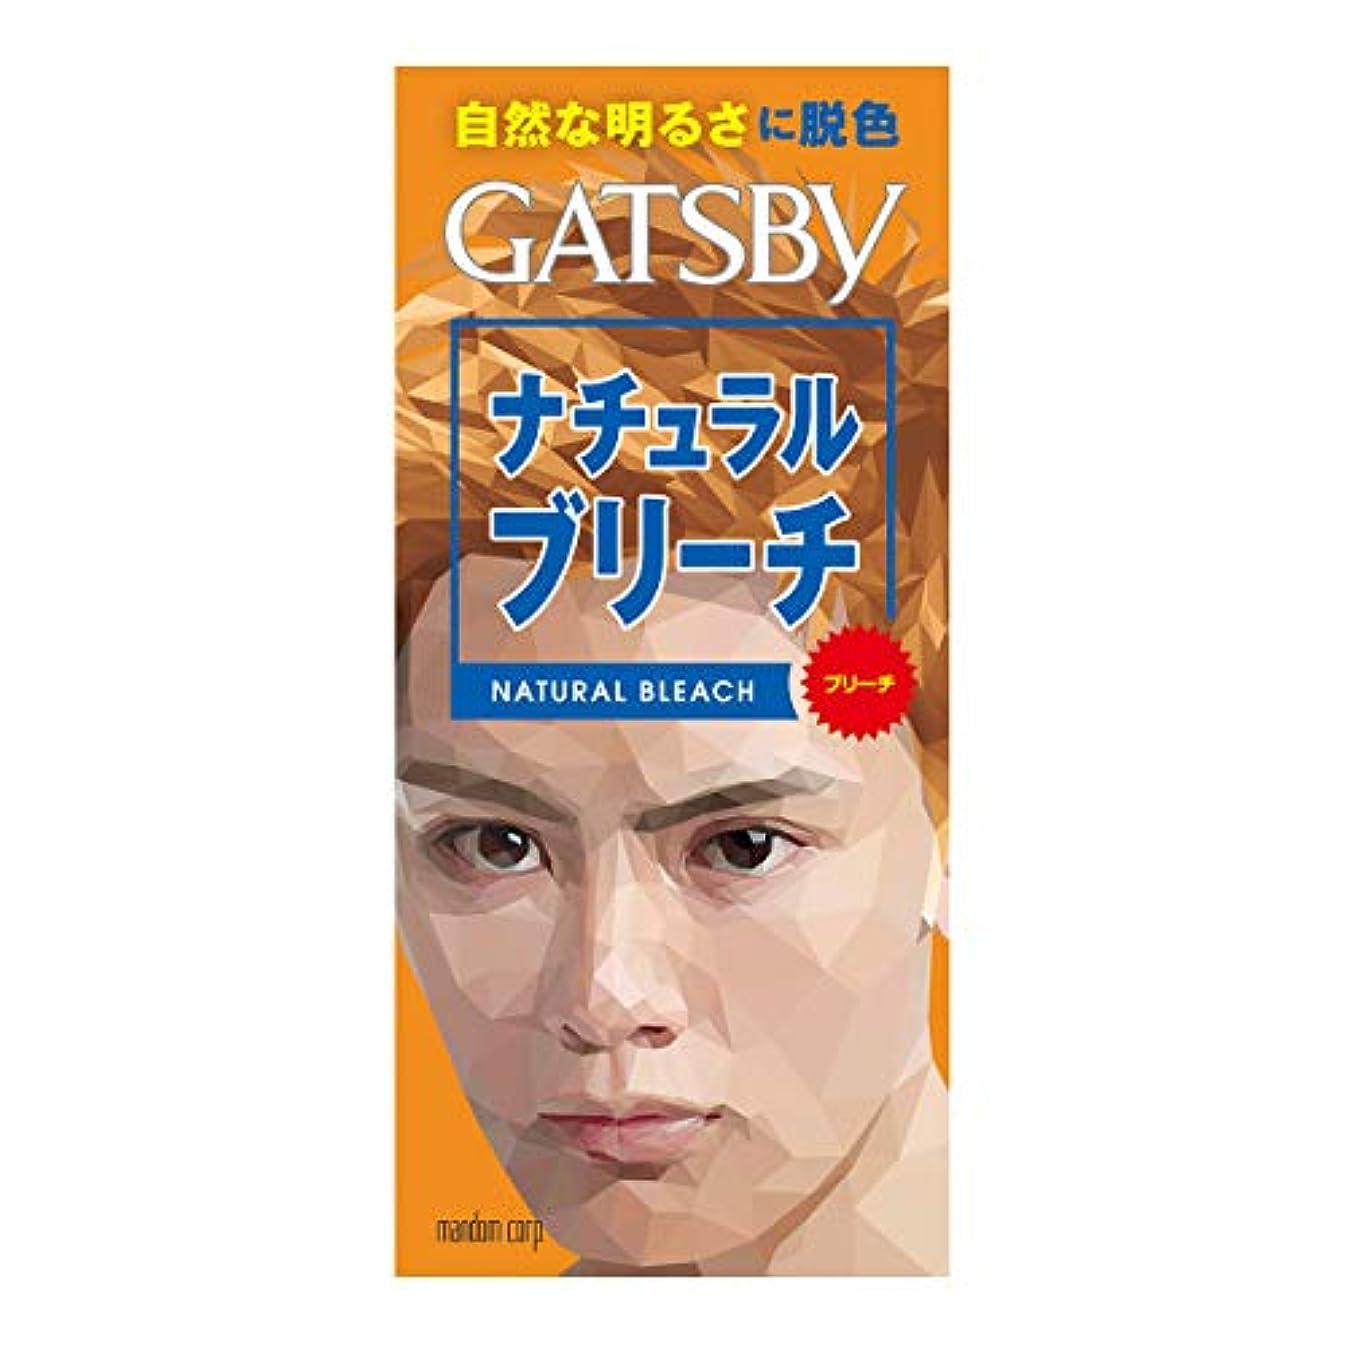 テンション飢プライバシーギャツビー ナチュラルブリーチ 【HTRC5.1】